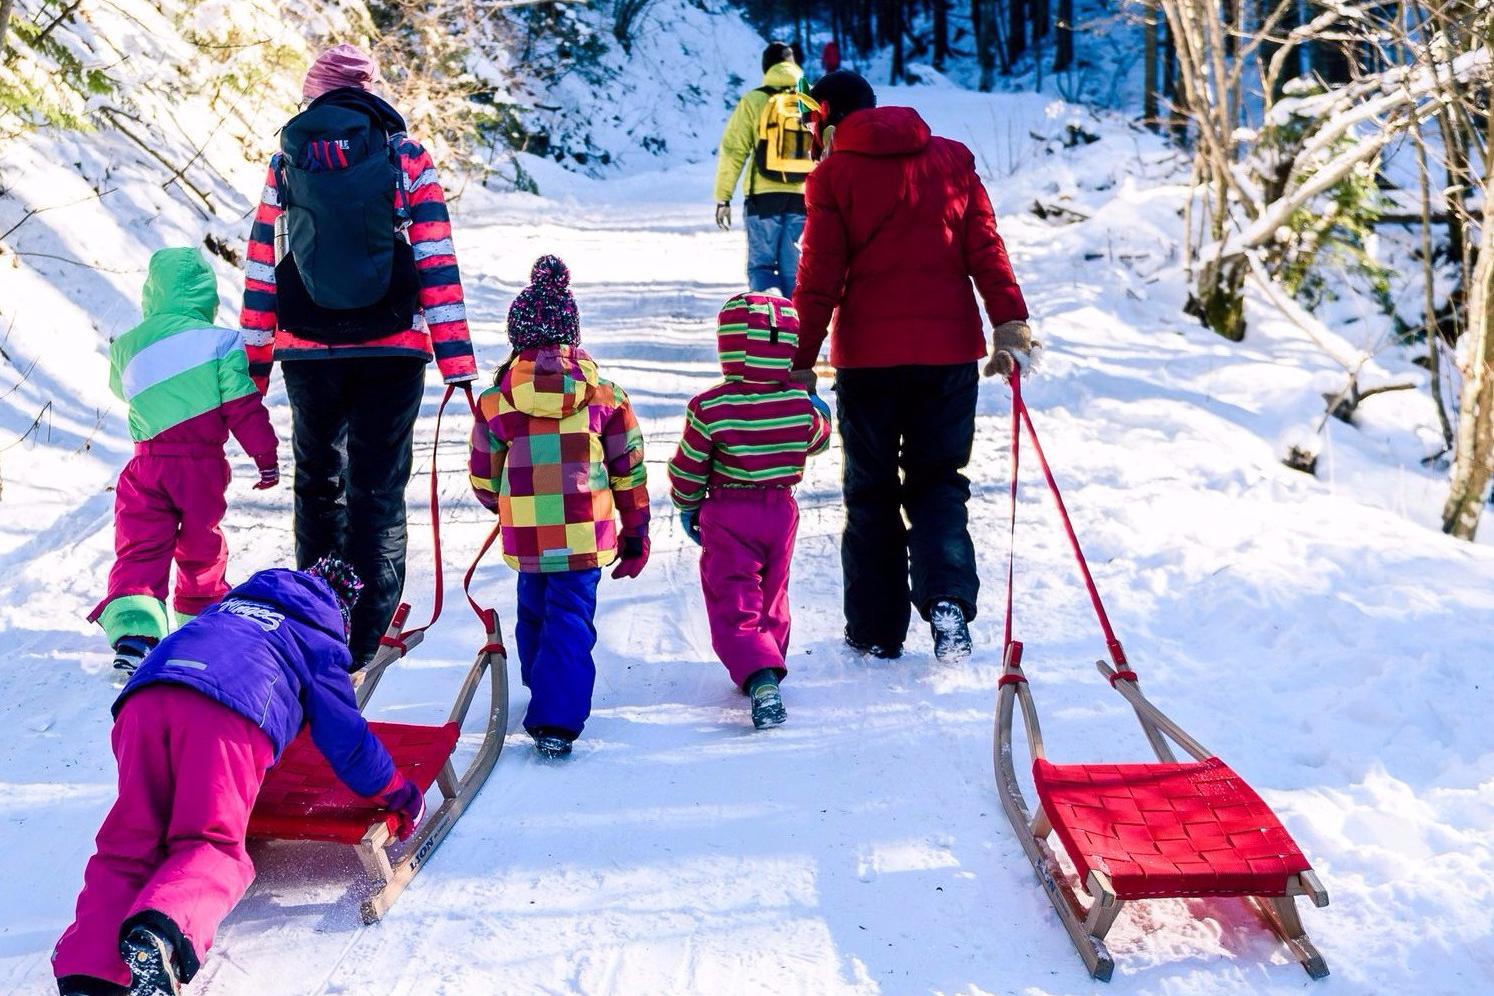 sledding1-e1512045537888.jpg